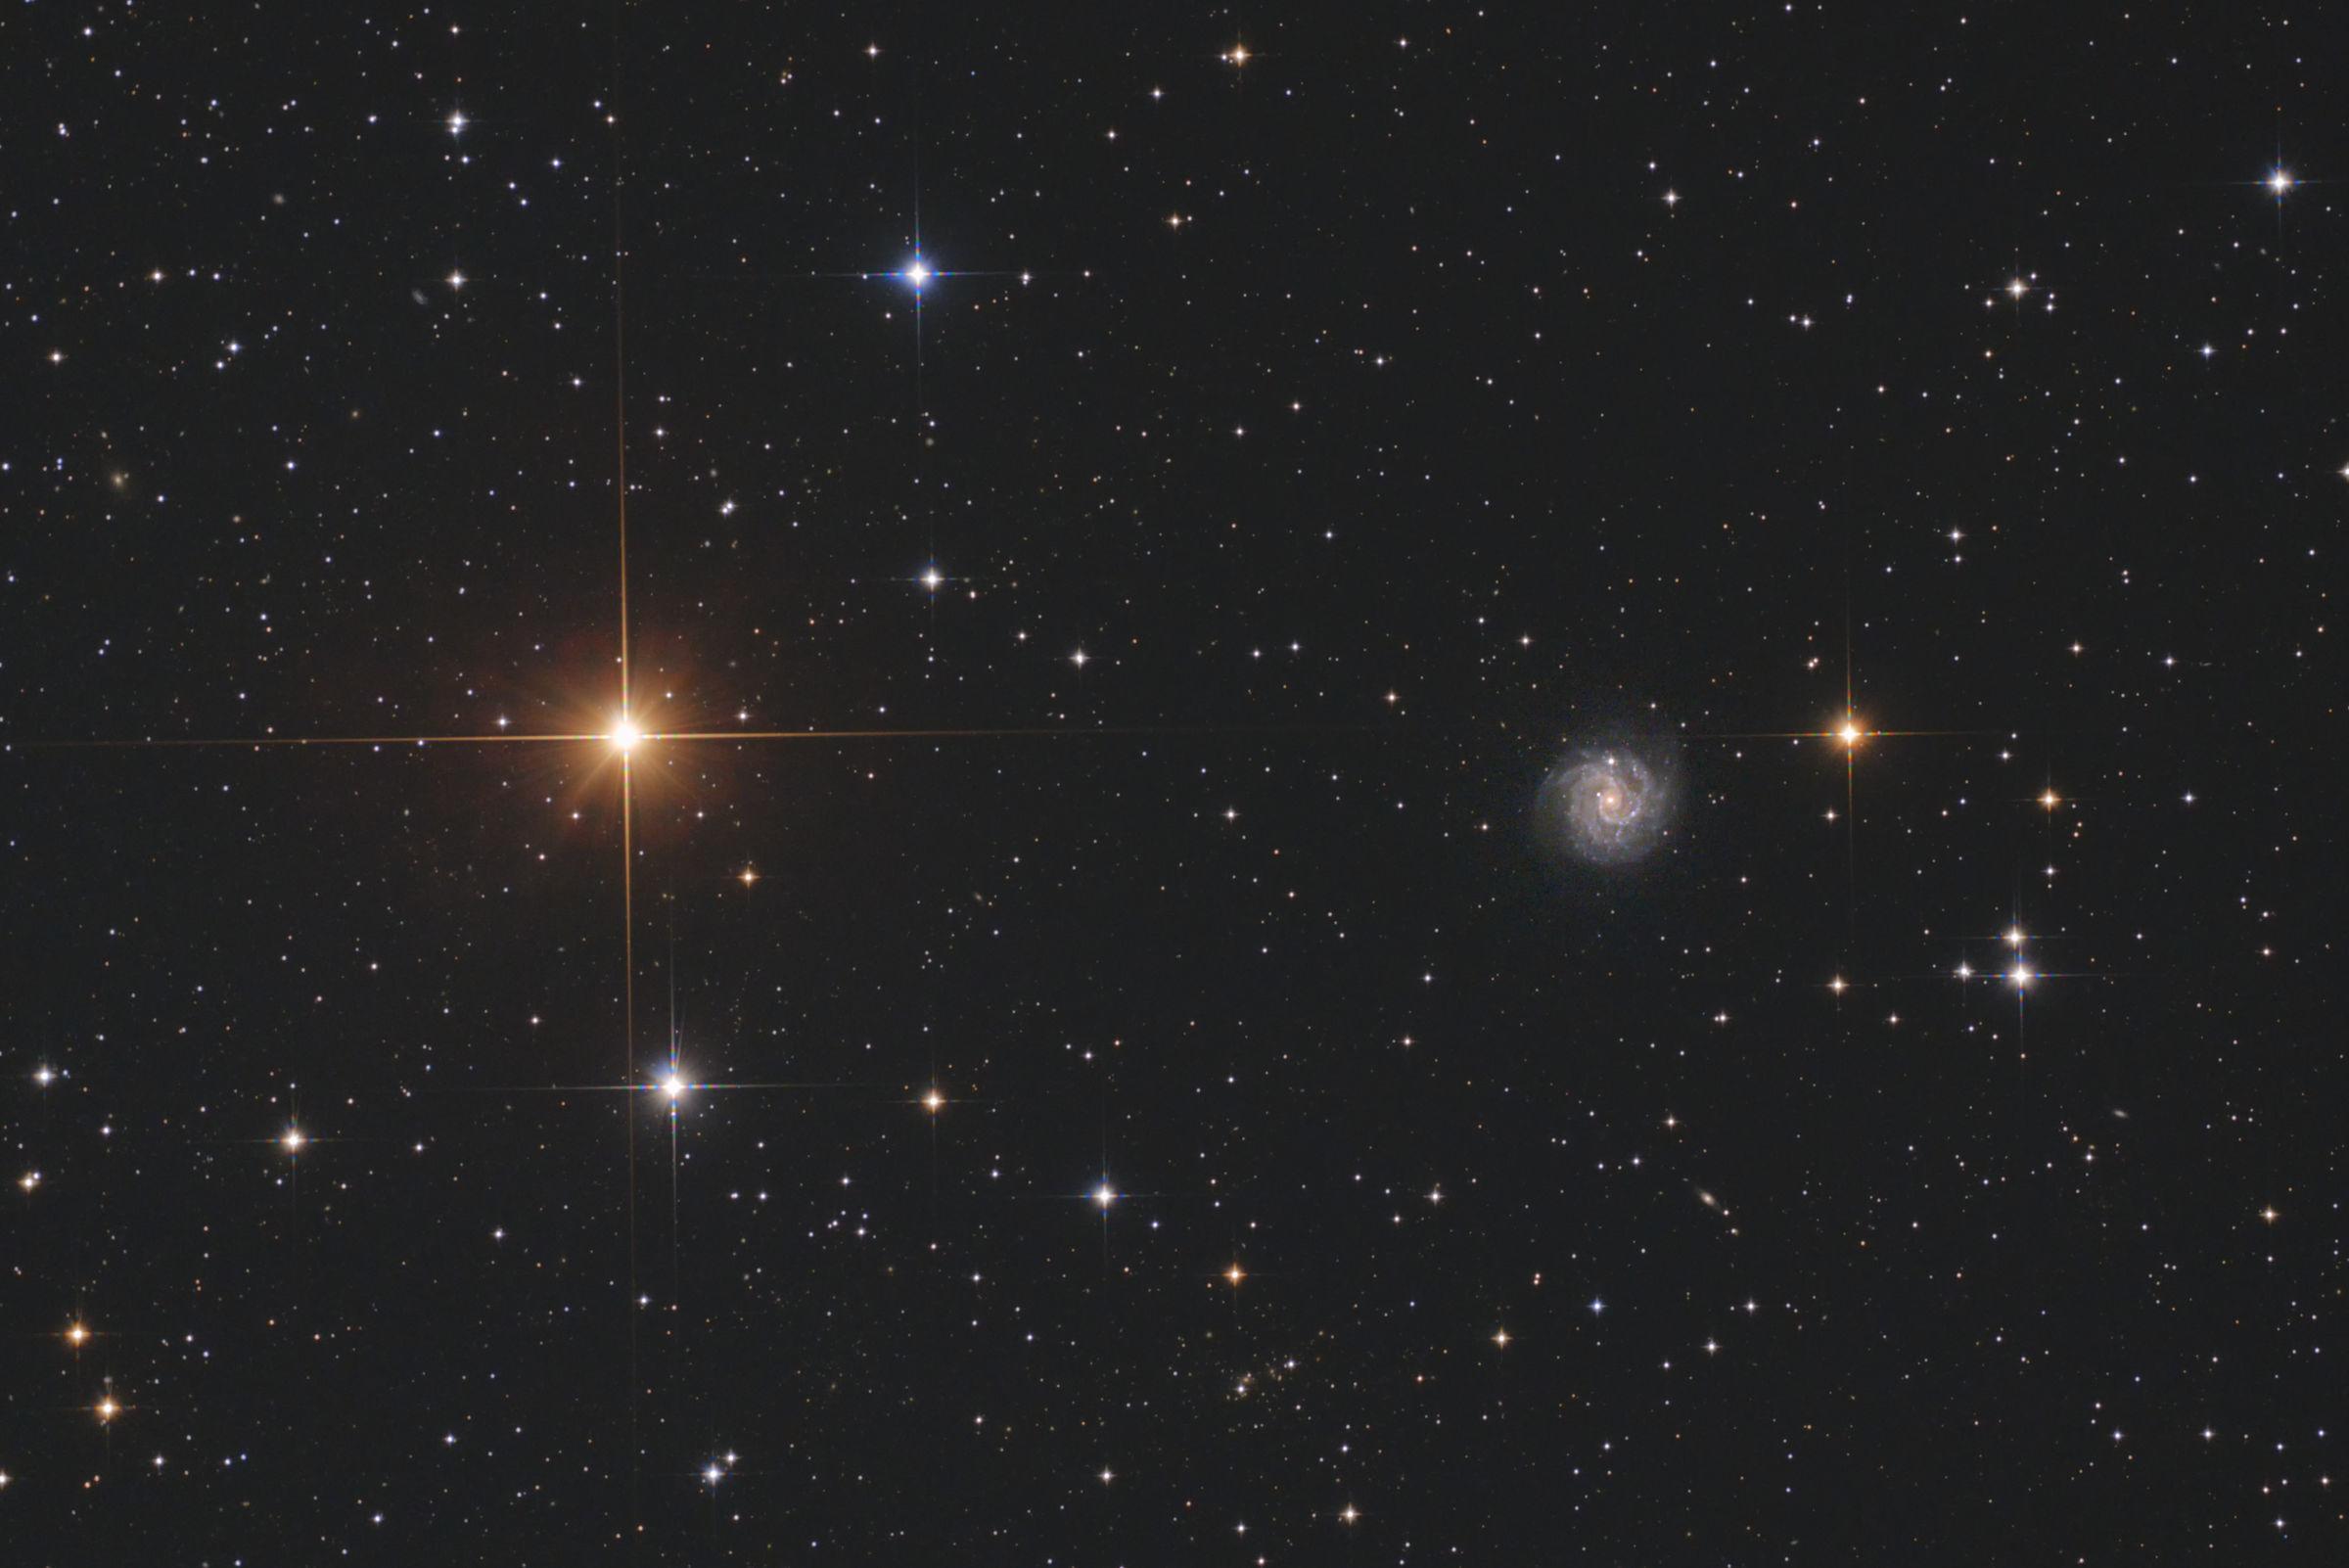 【銀河】タニア・アウストラリス(とNGC3184)